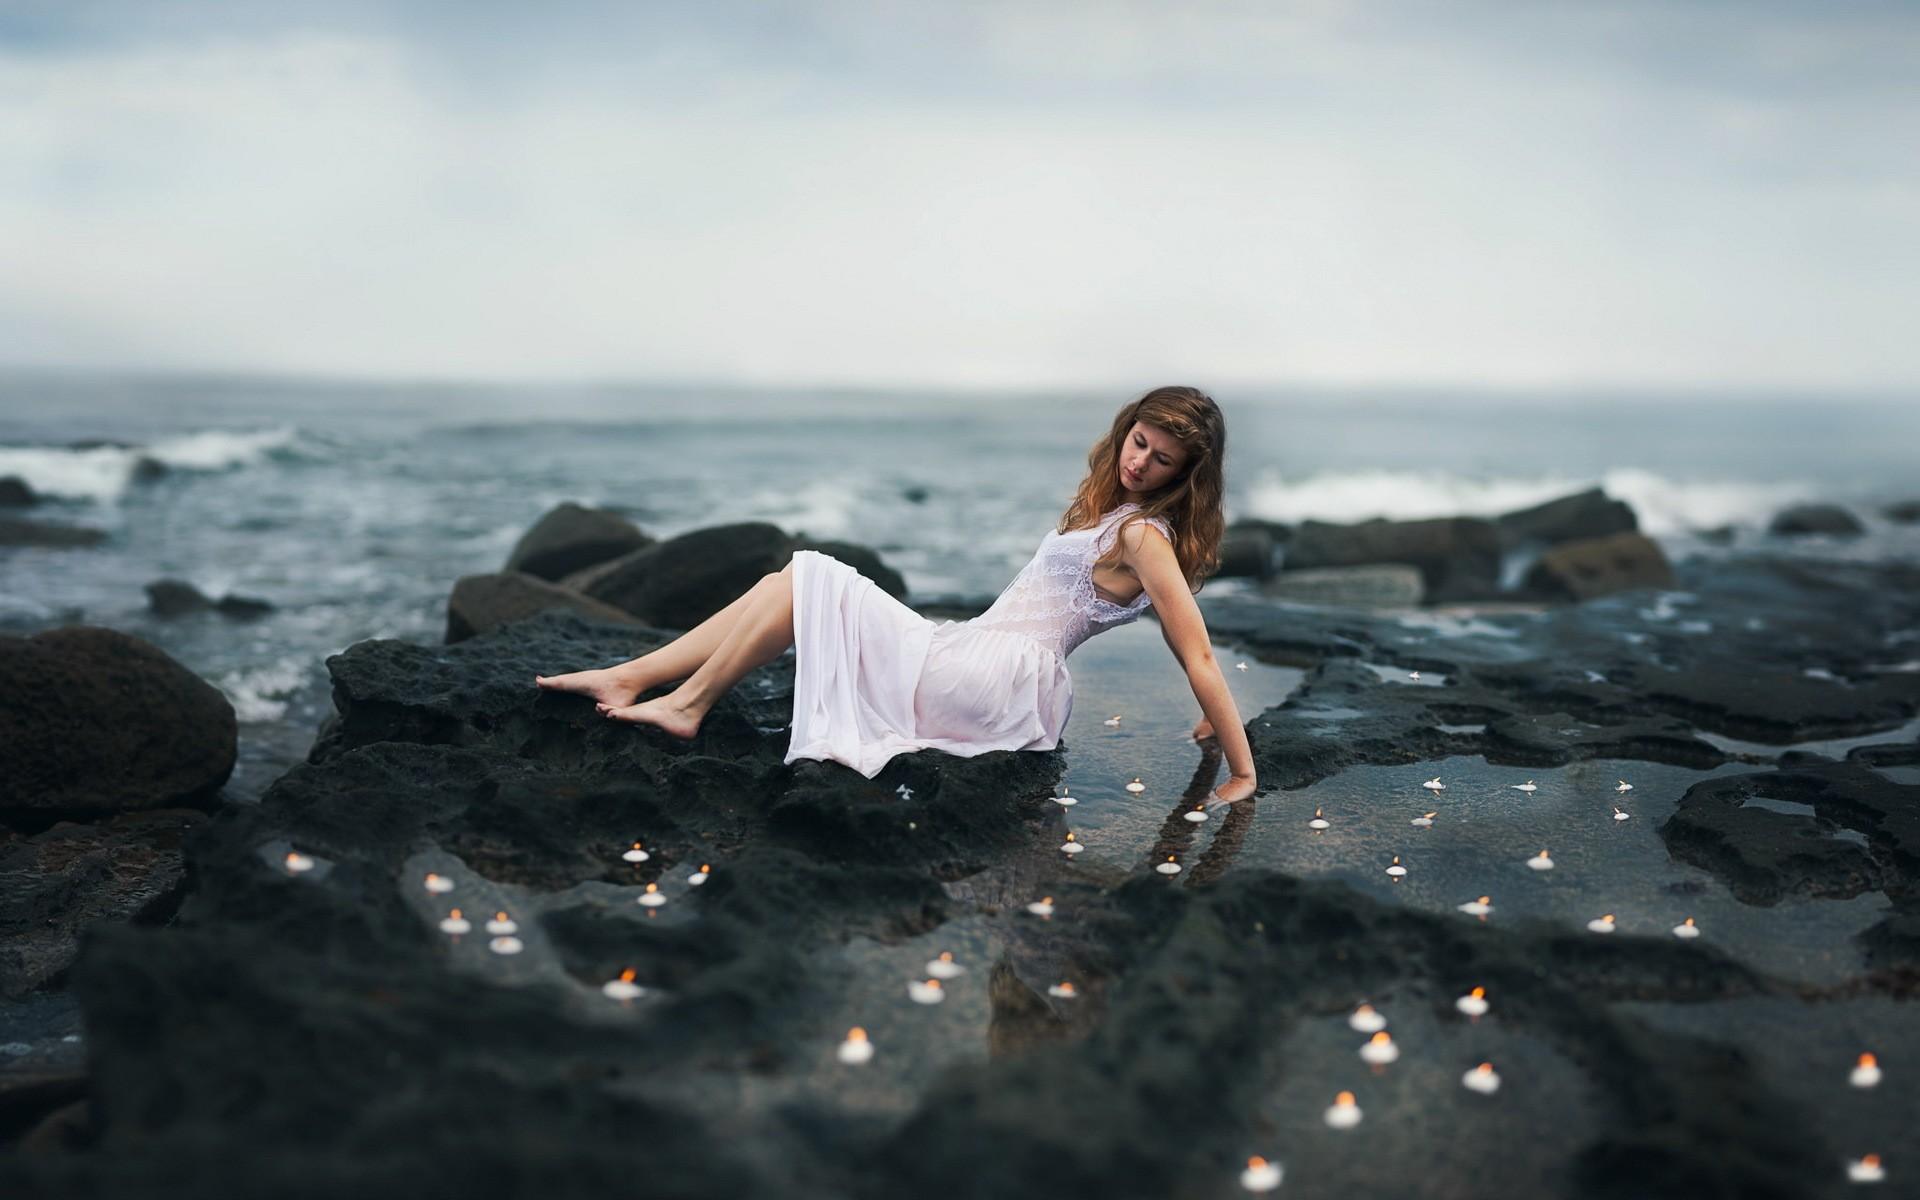 Картинка девушка на берегу моря